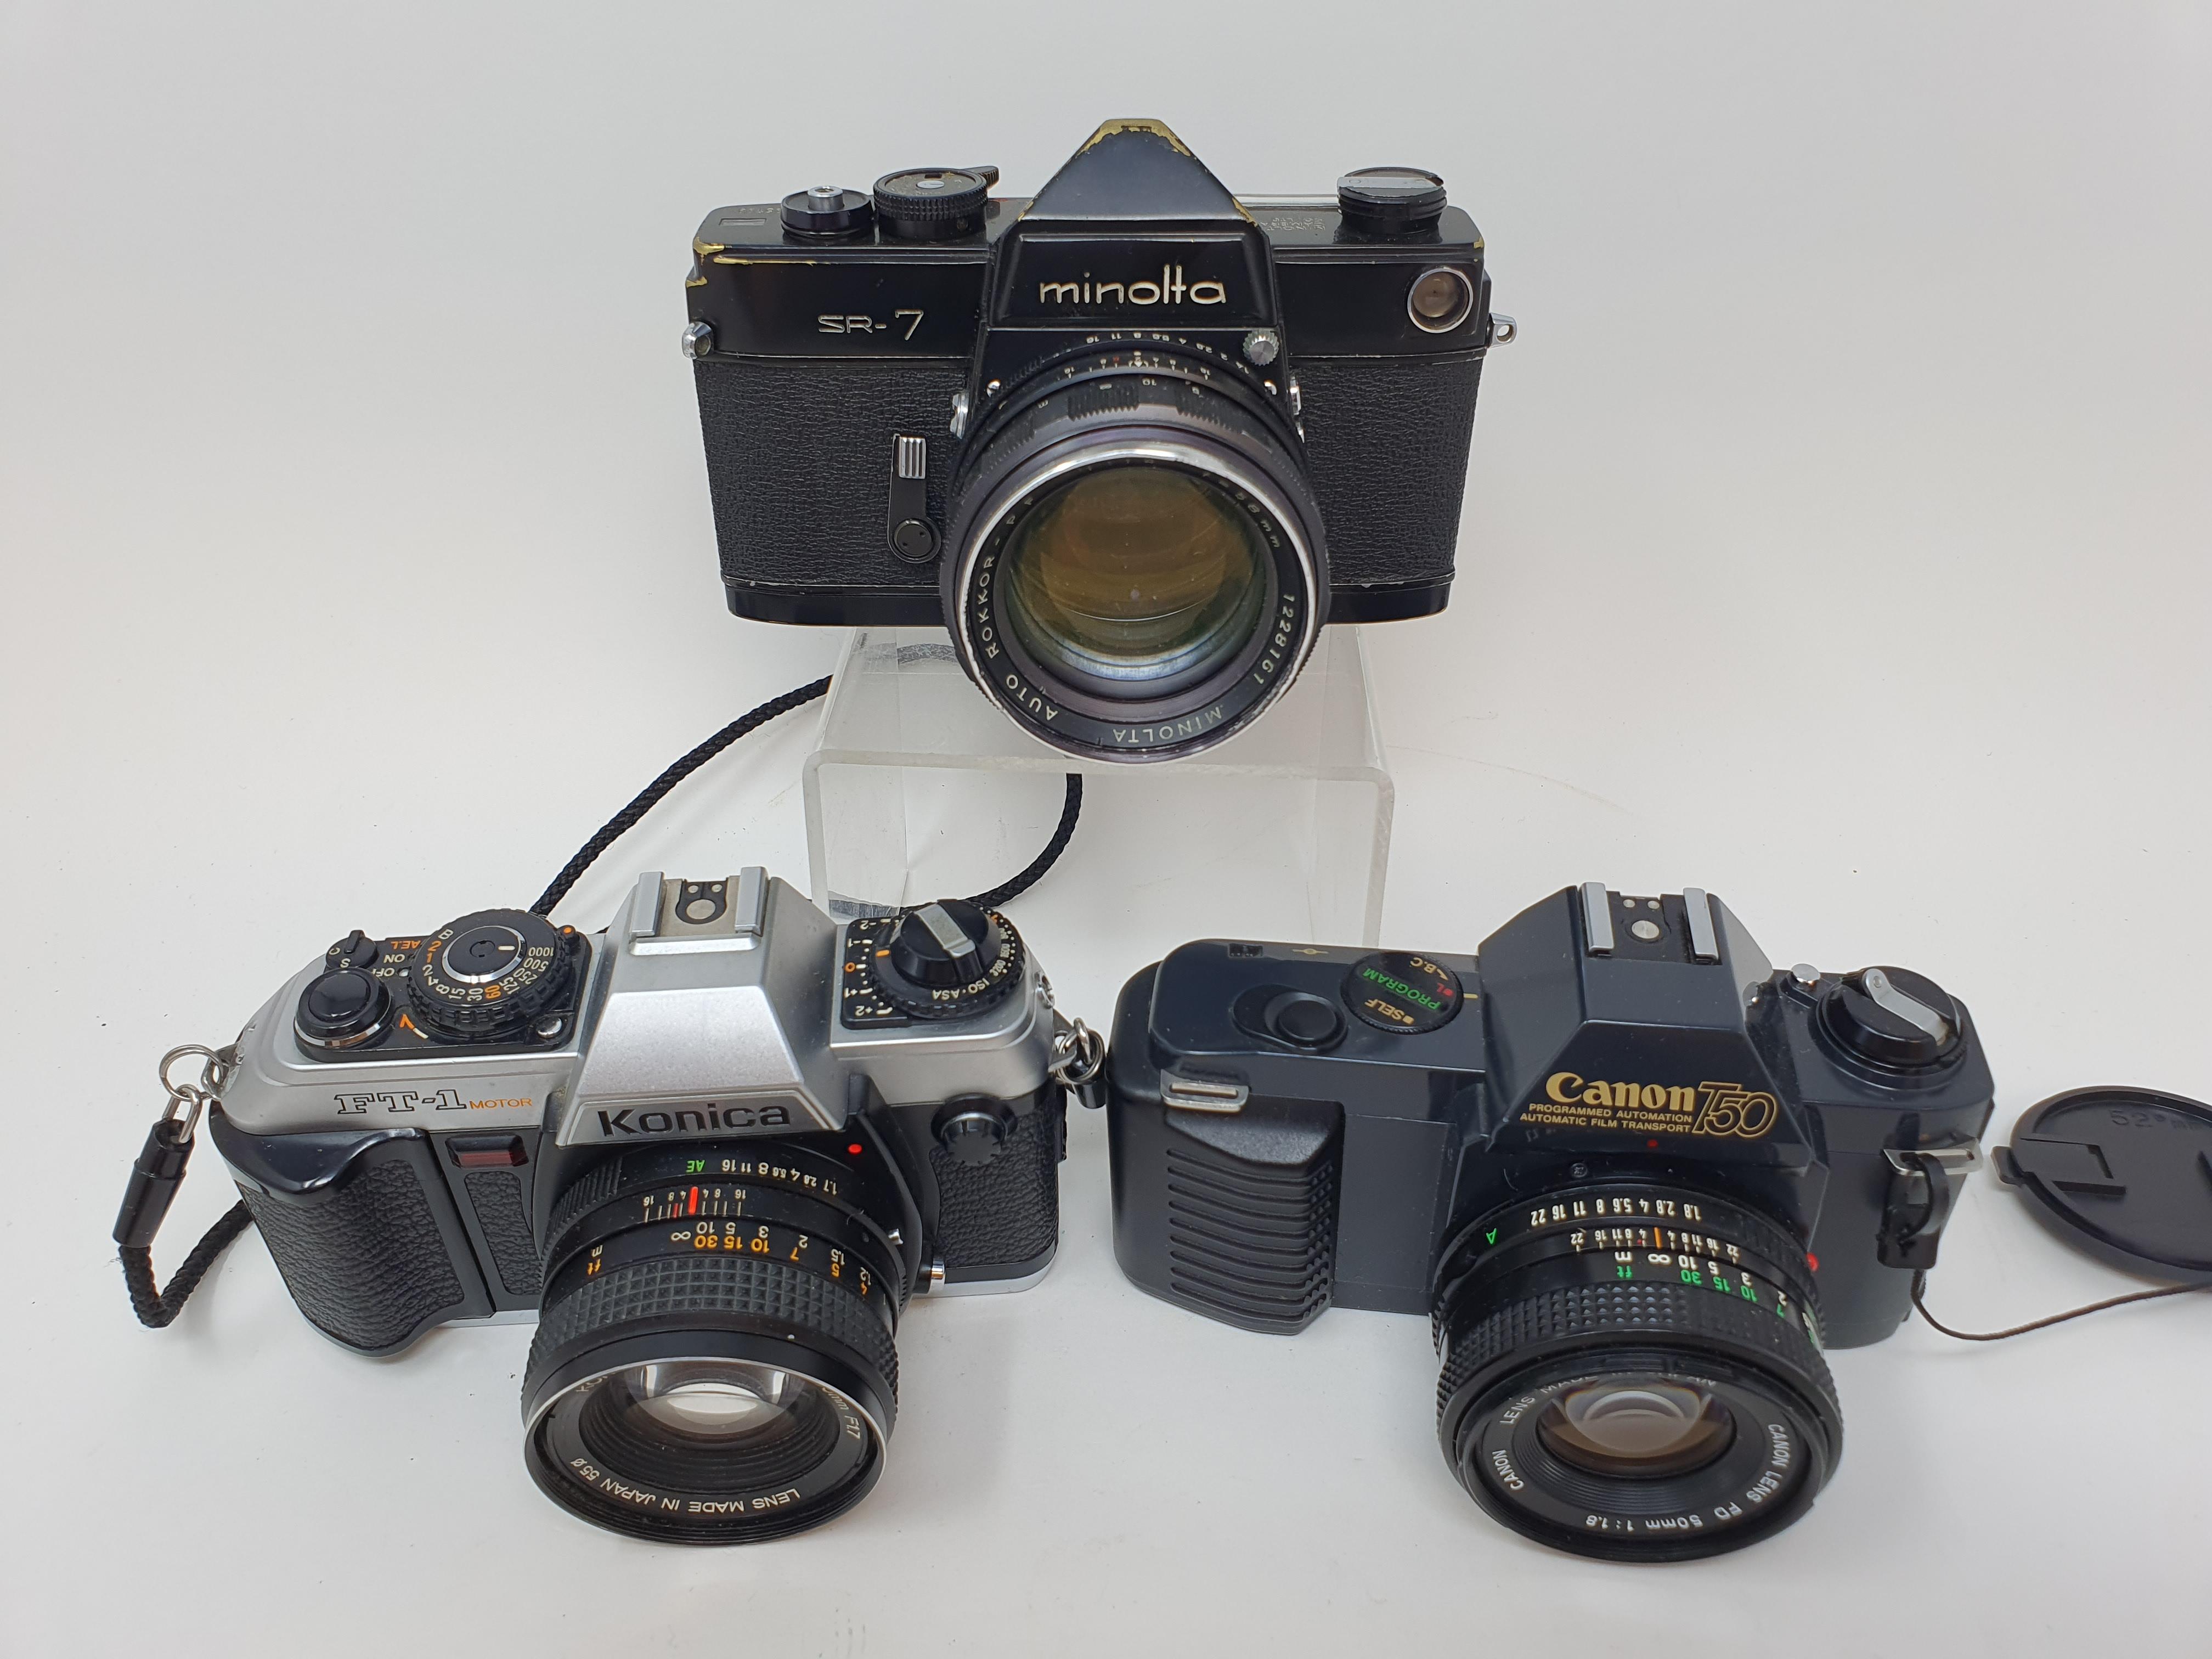 A Minolta SR-7 camera, a Canon T50 camera and a Konica FT-1 camera (3) Provenance: Part of a vast - Image 2 of 3